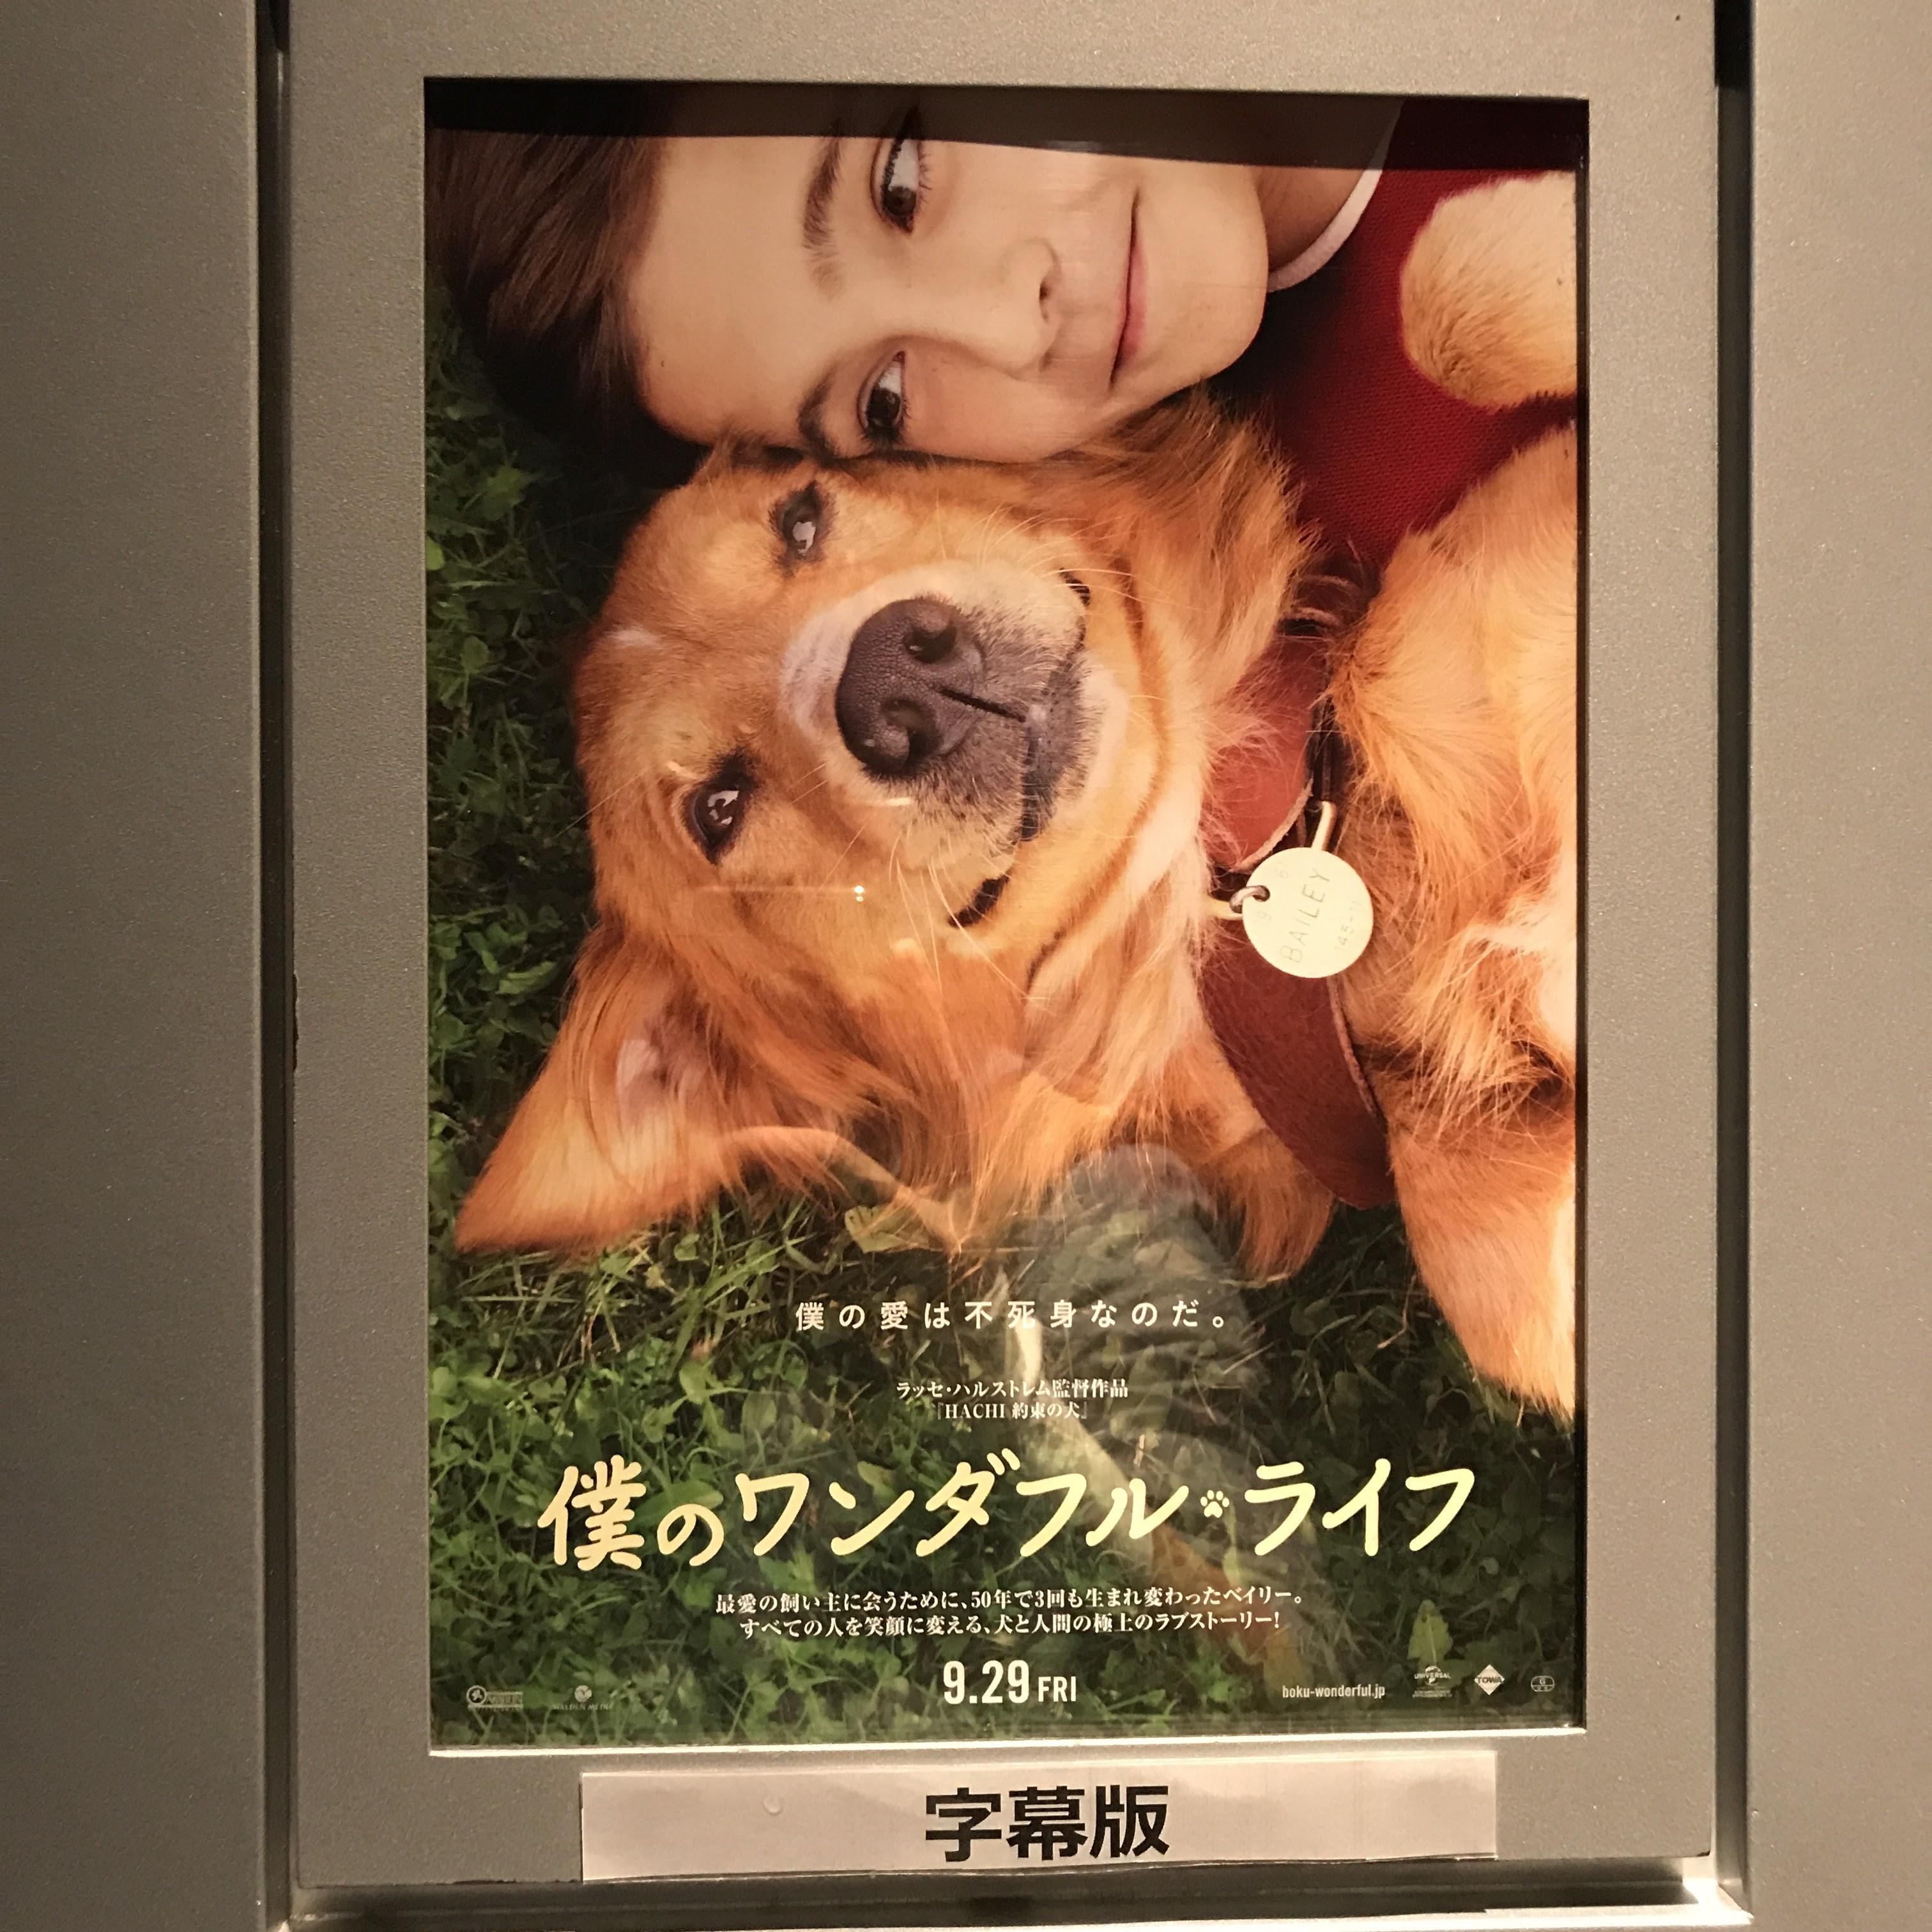 映画「僕のワンダフル・ライフ」を鑑賞!!<br>TOHOシネマズ1ヶ月フリーパス10本目